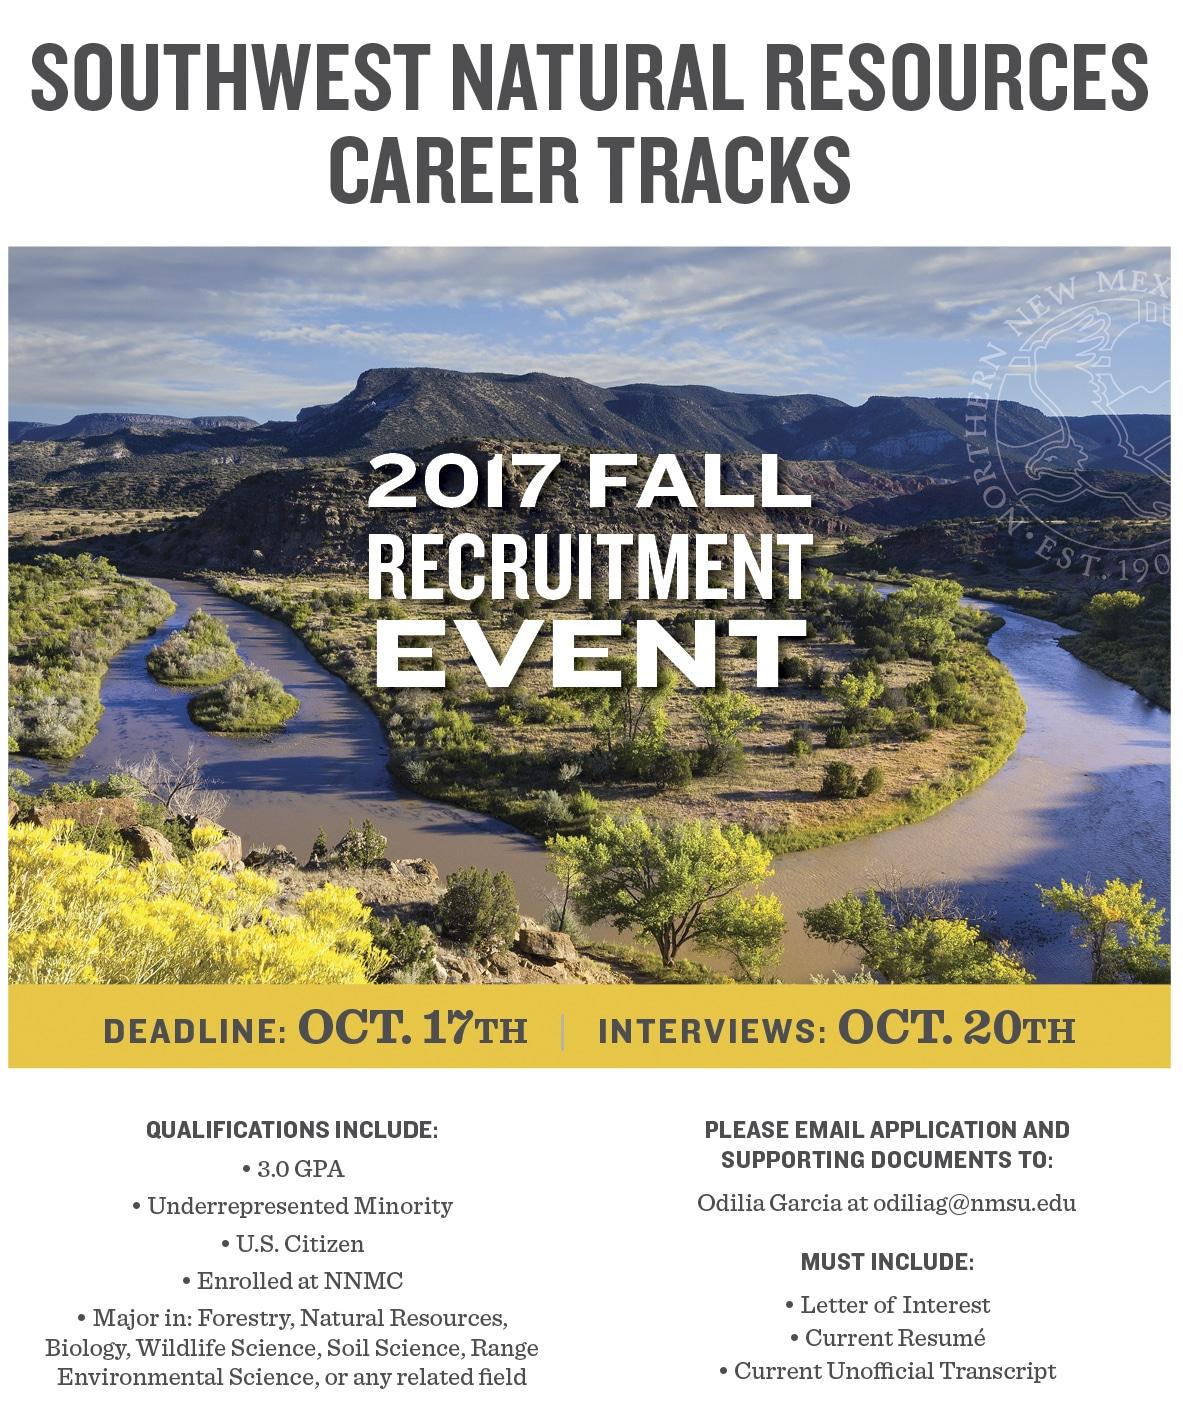 SW Natural Resources Career Flyer Oct 2017_v2